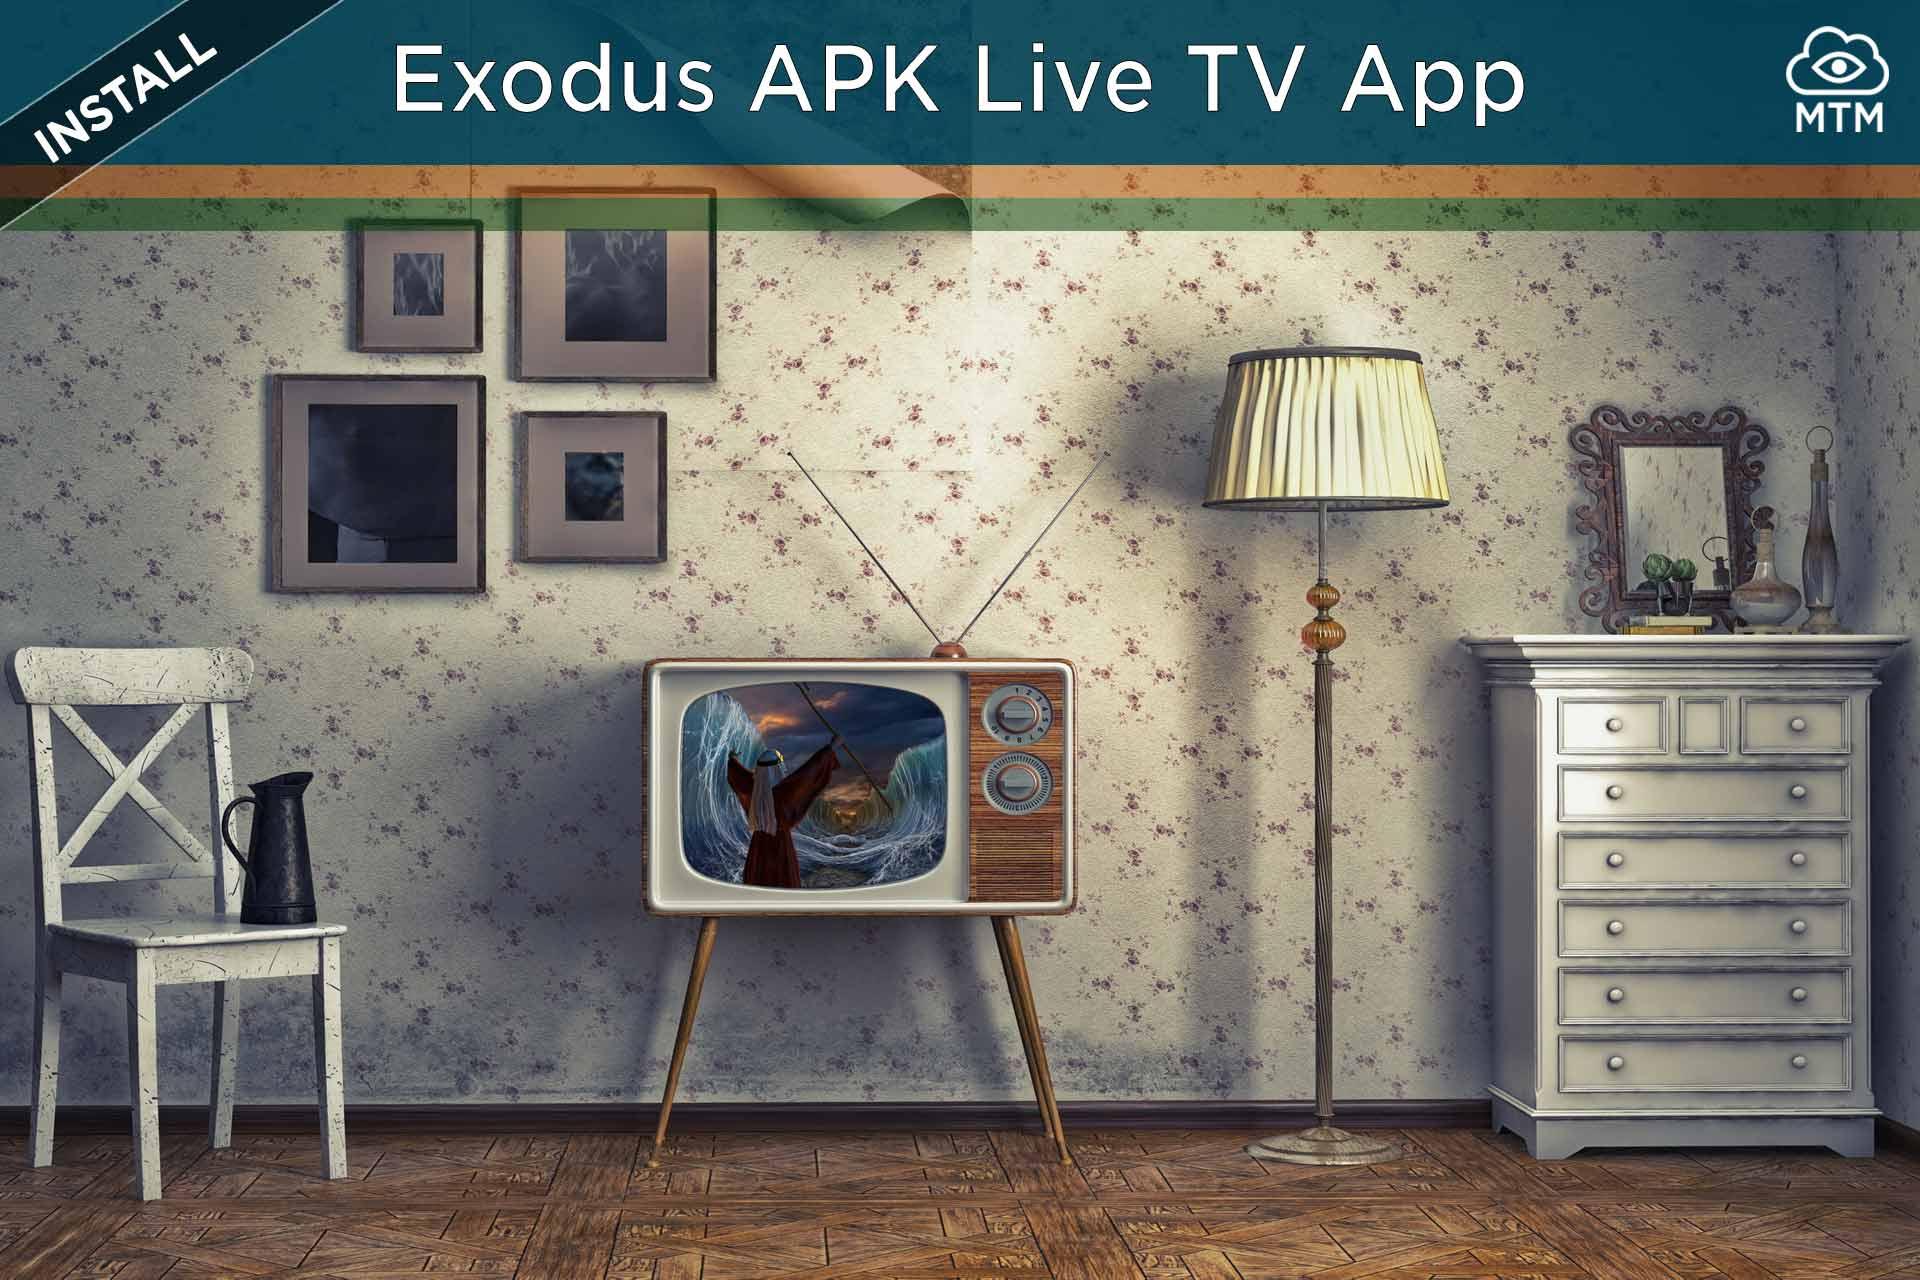 Exodus Live TV APK Deskargatu eta instalatu Doako IPTV linean streaming bidez